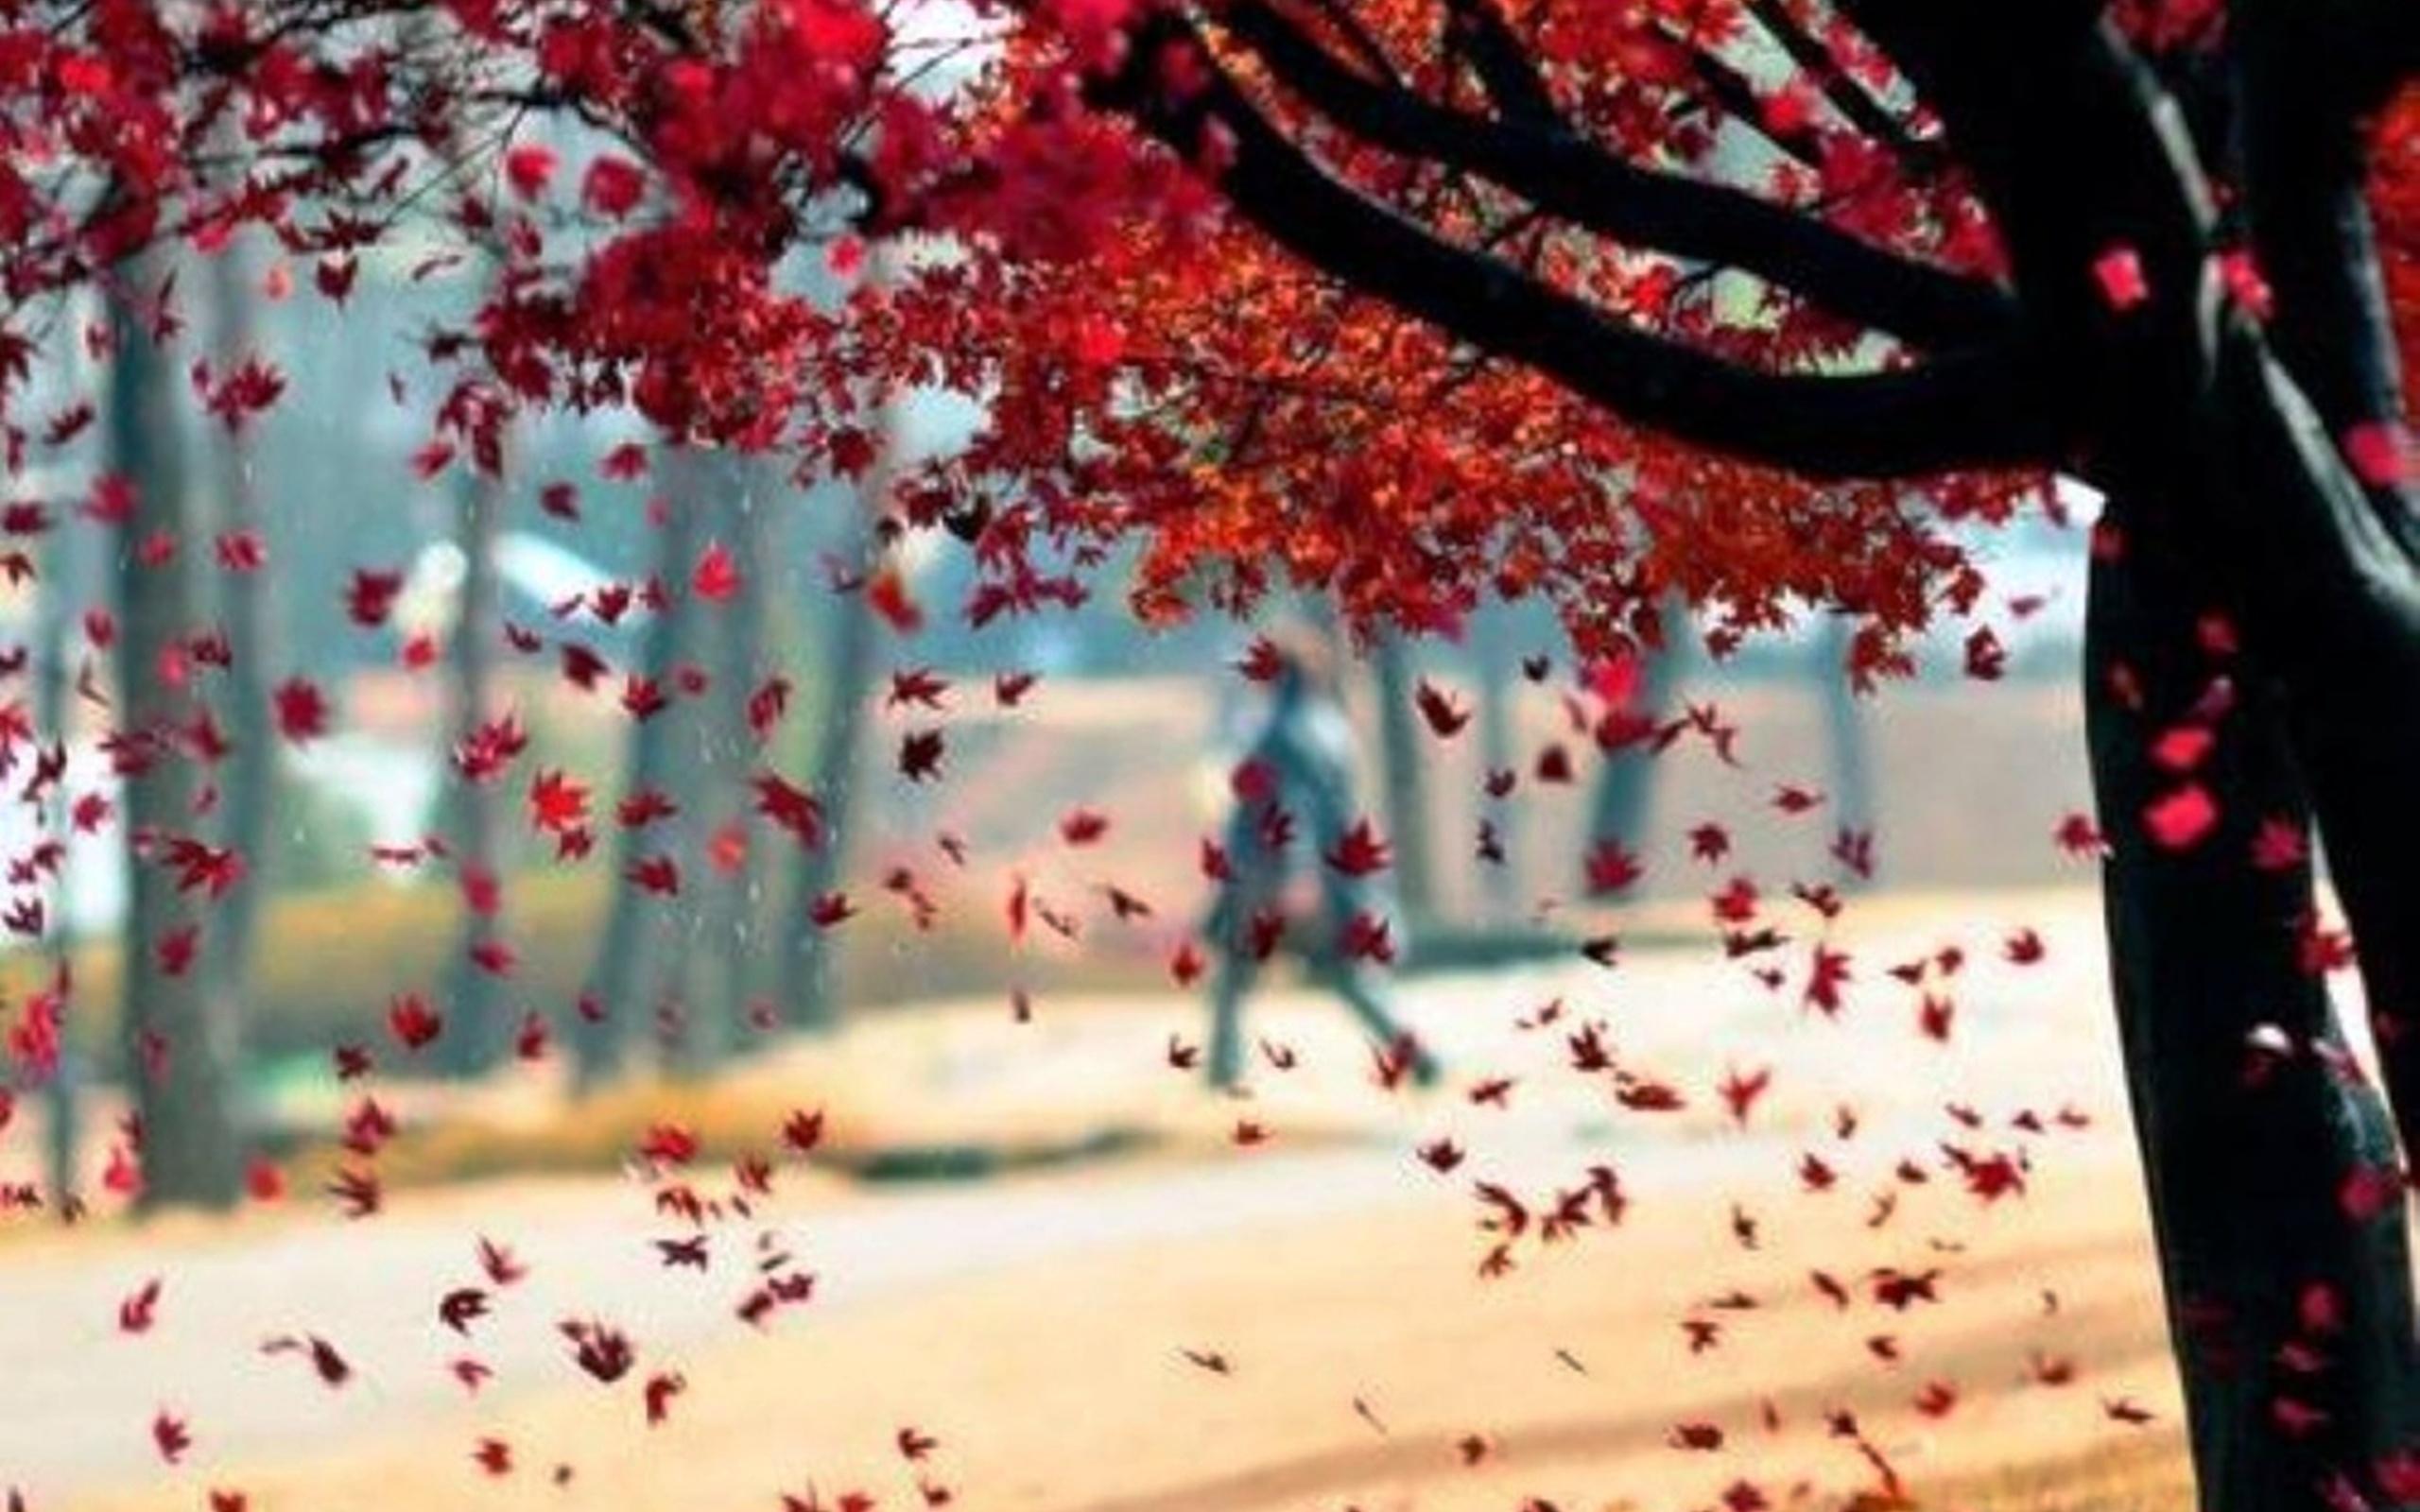 словам деревья с опавшей листвой картинки остросюжетная киноэпопея вдохновила